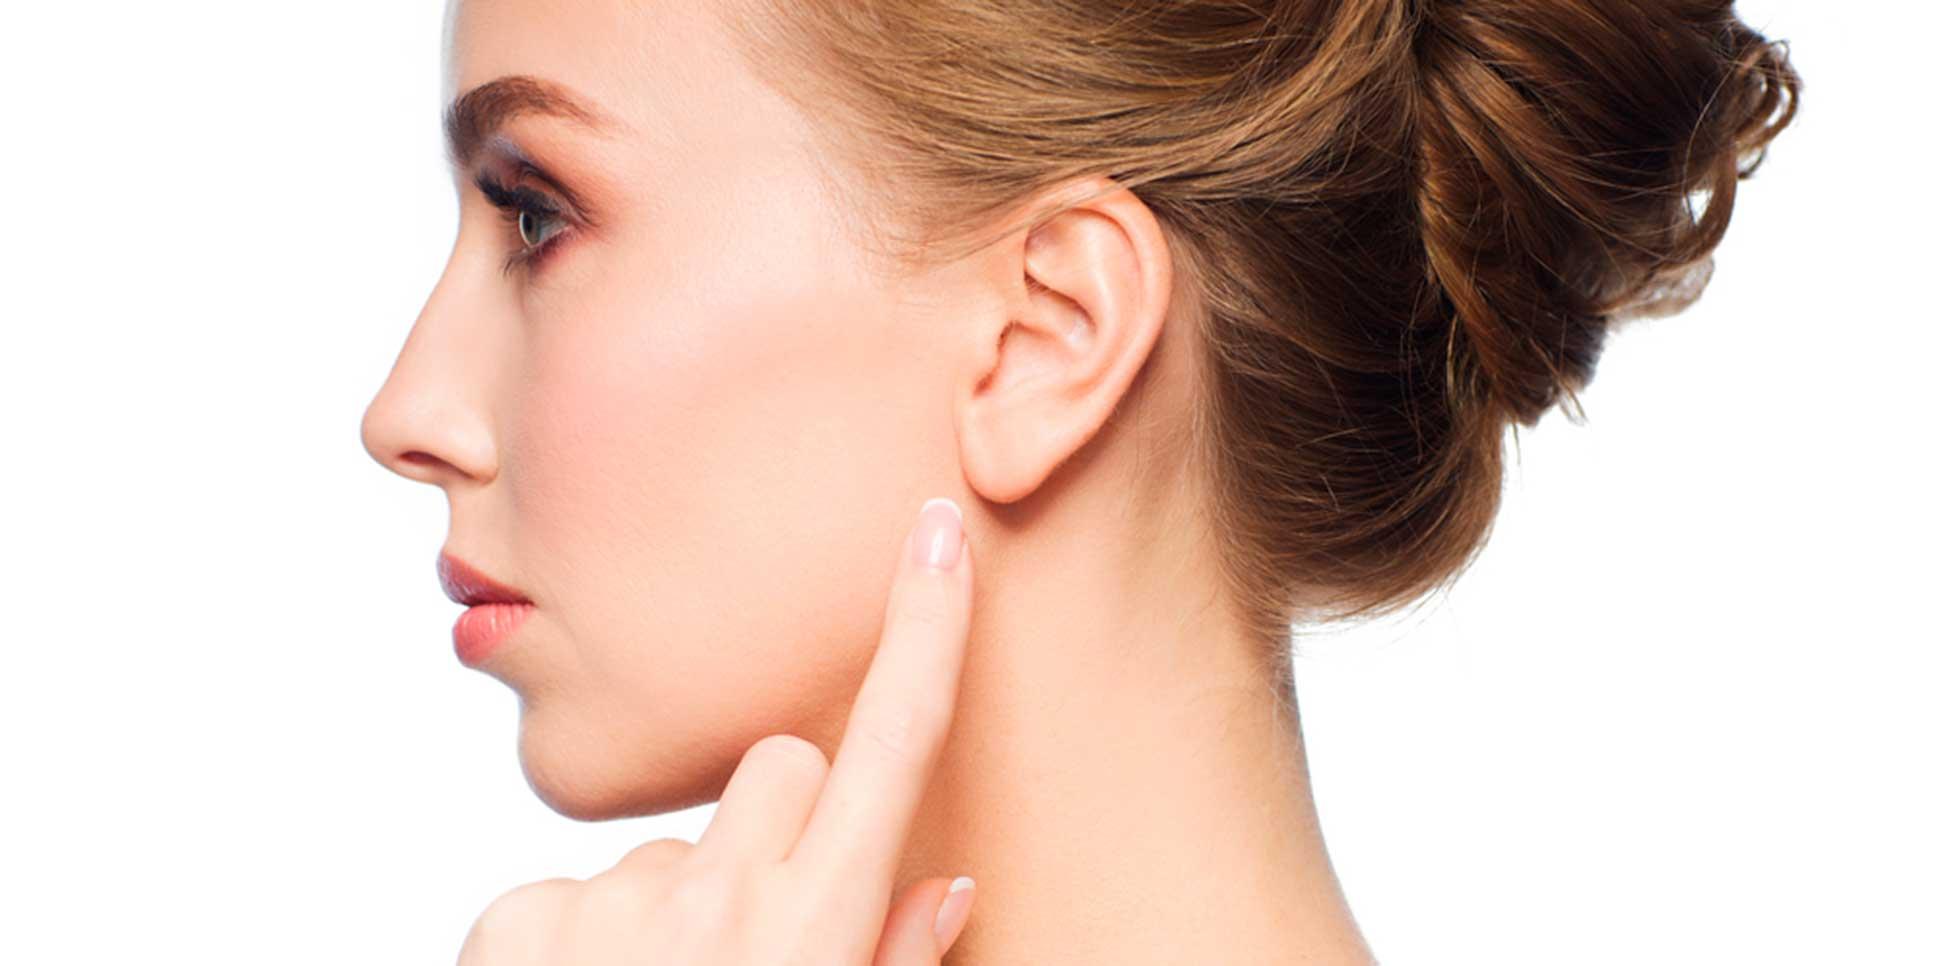 Cuánto cuesta operarse las orejas? Precio operación orejas de soplillo